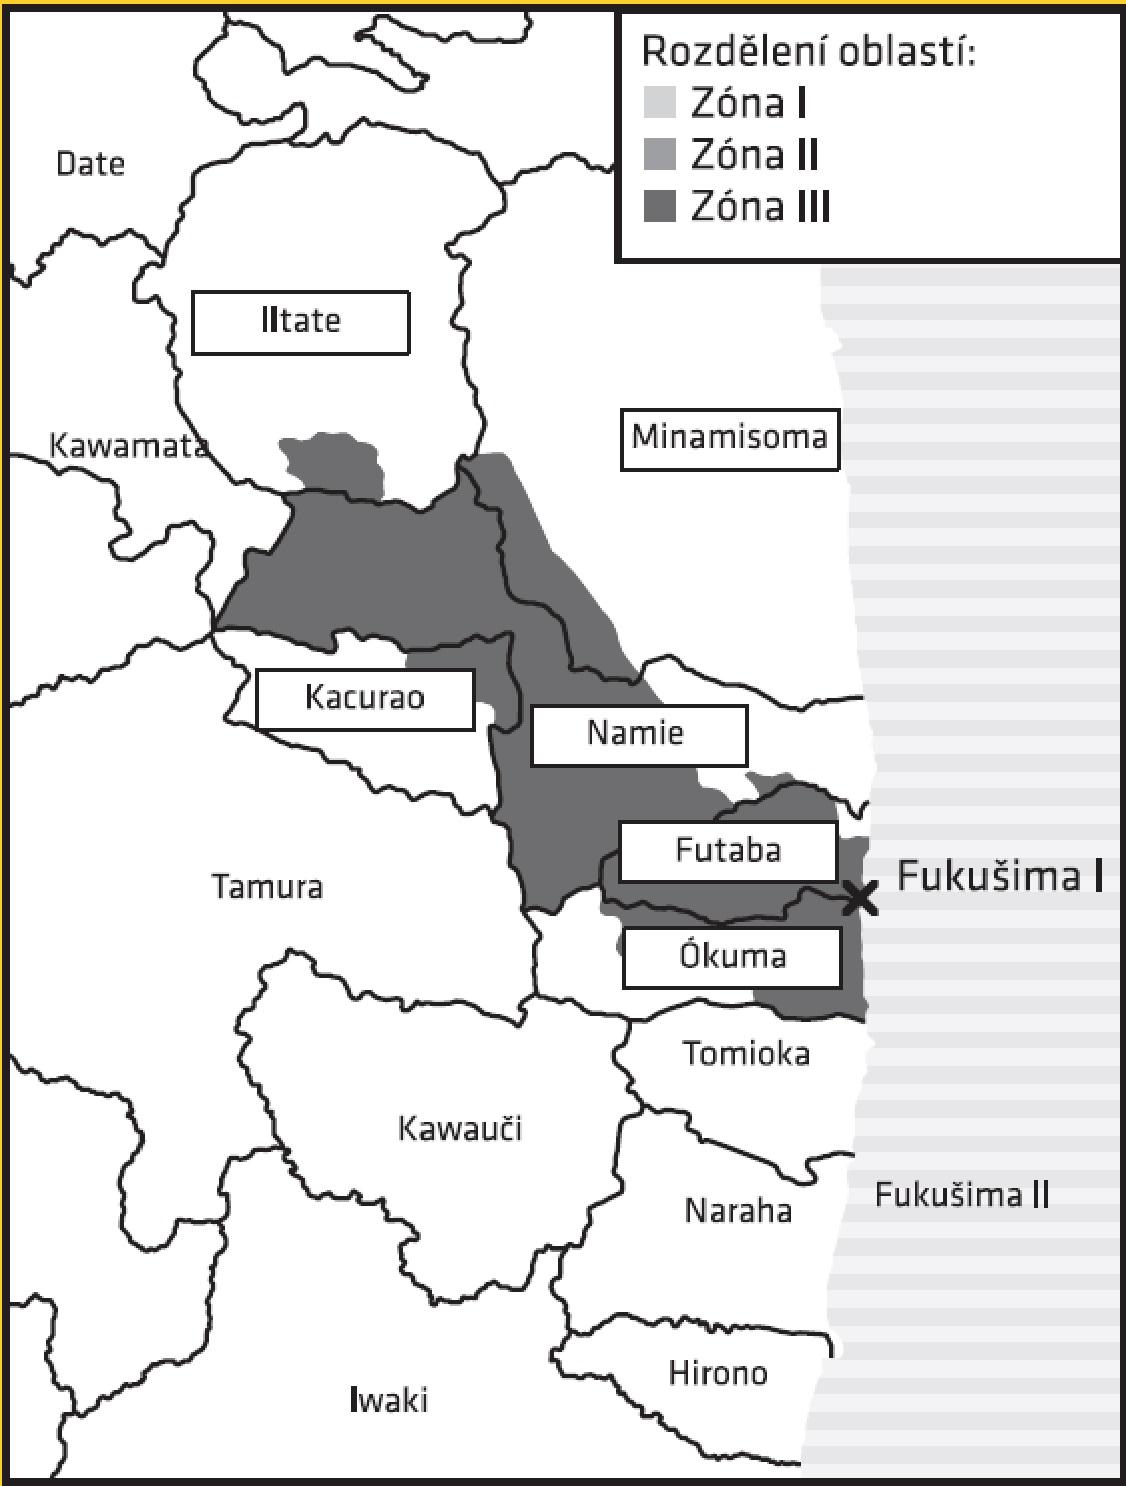 Po roce 2017 by měl zůstat omezený režim pouze u nejsilněji kontaminovaných území III. kategorie. I ta by však měla být otevřena do roku 2022. (Zdroj V. Wagner: Fukušima I poté).